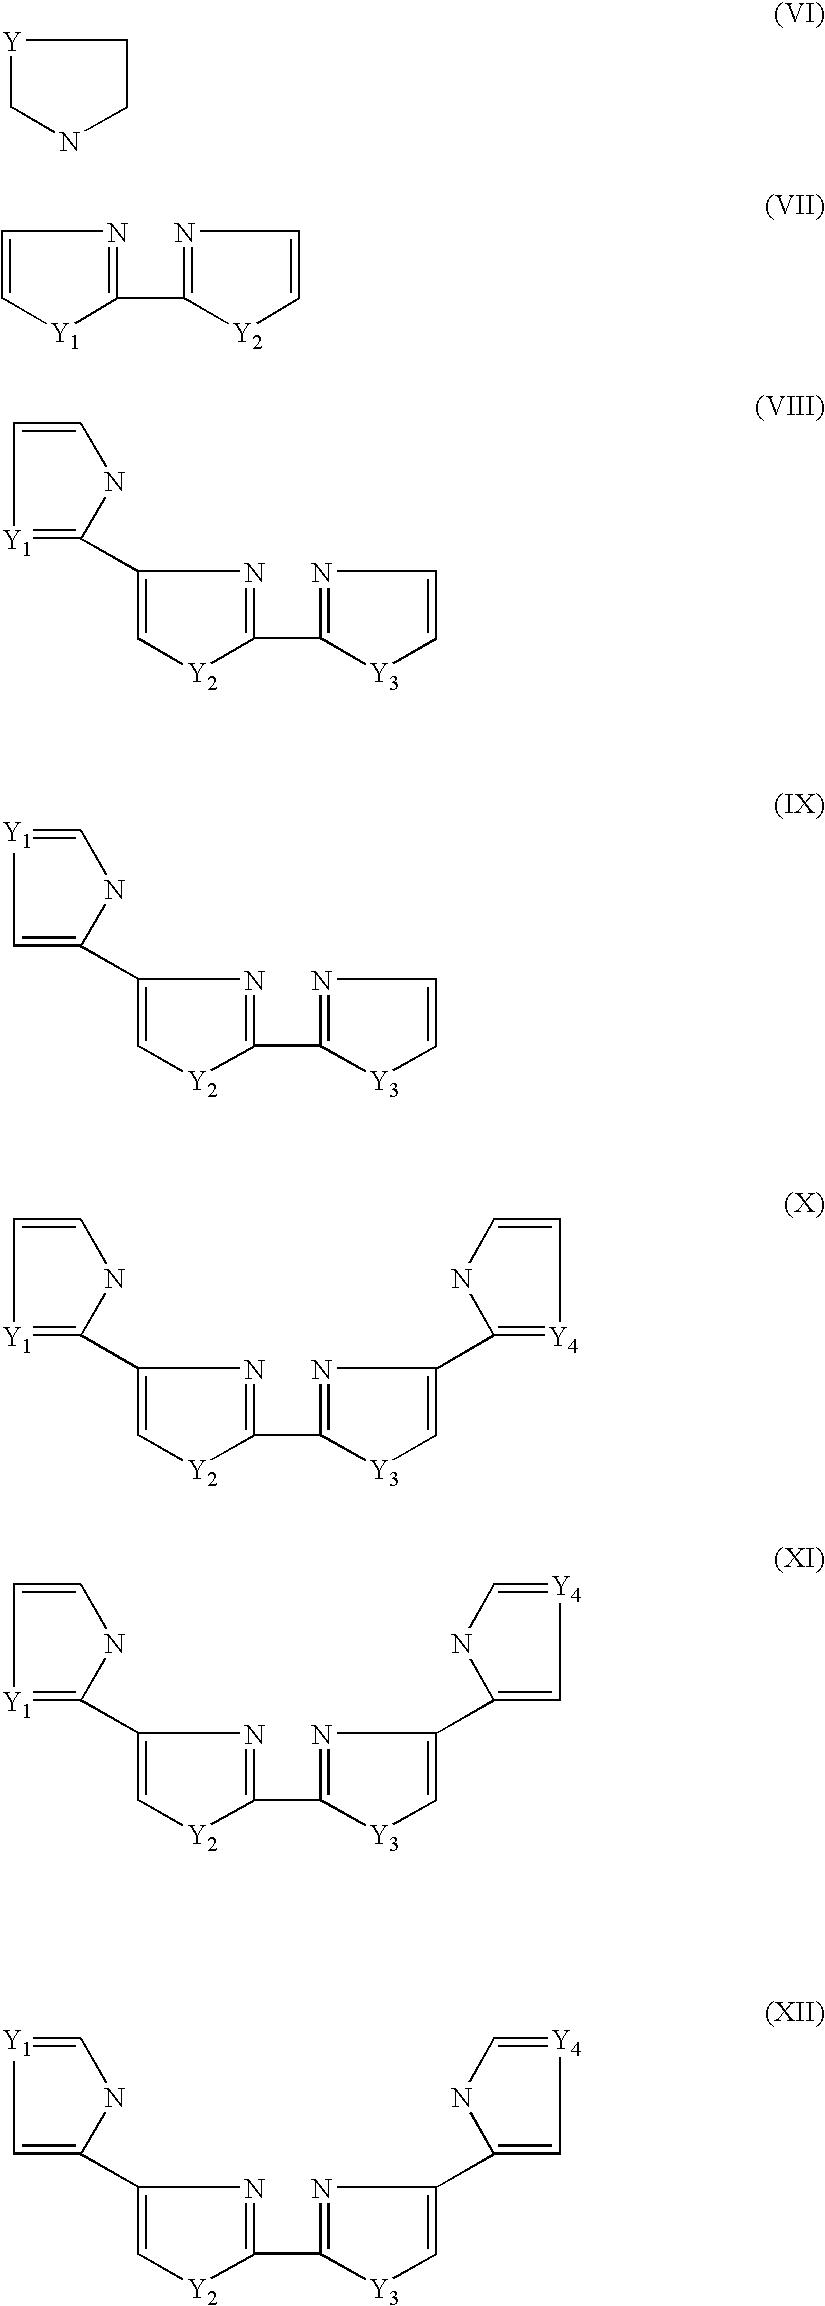 Figure US20100243478A1-20100930-C00005